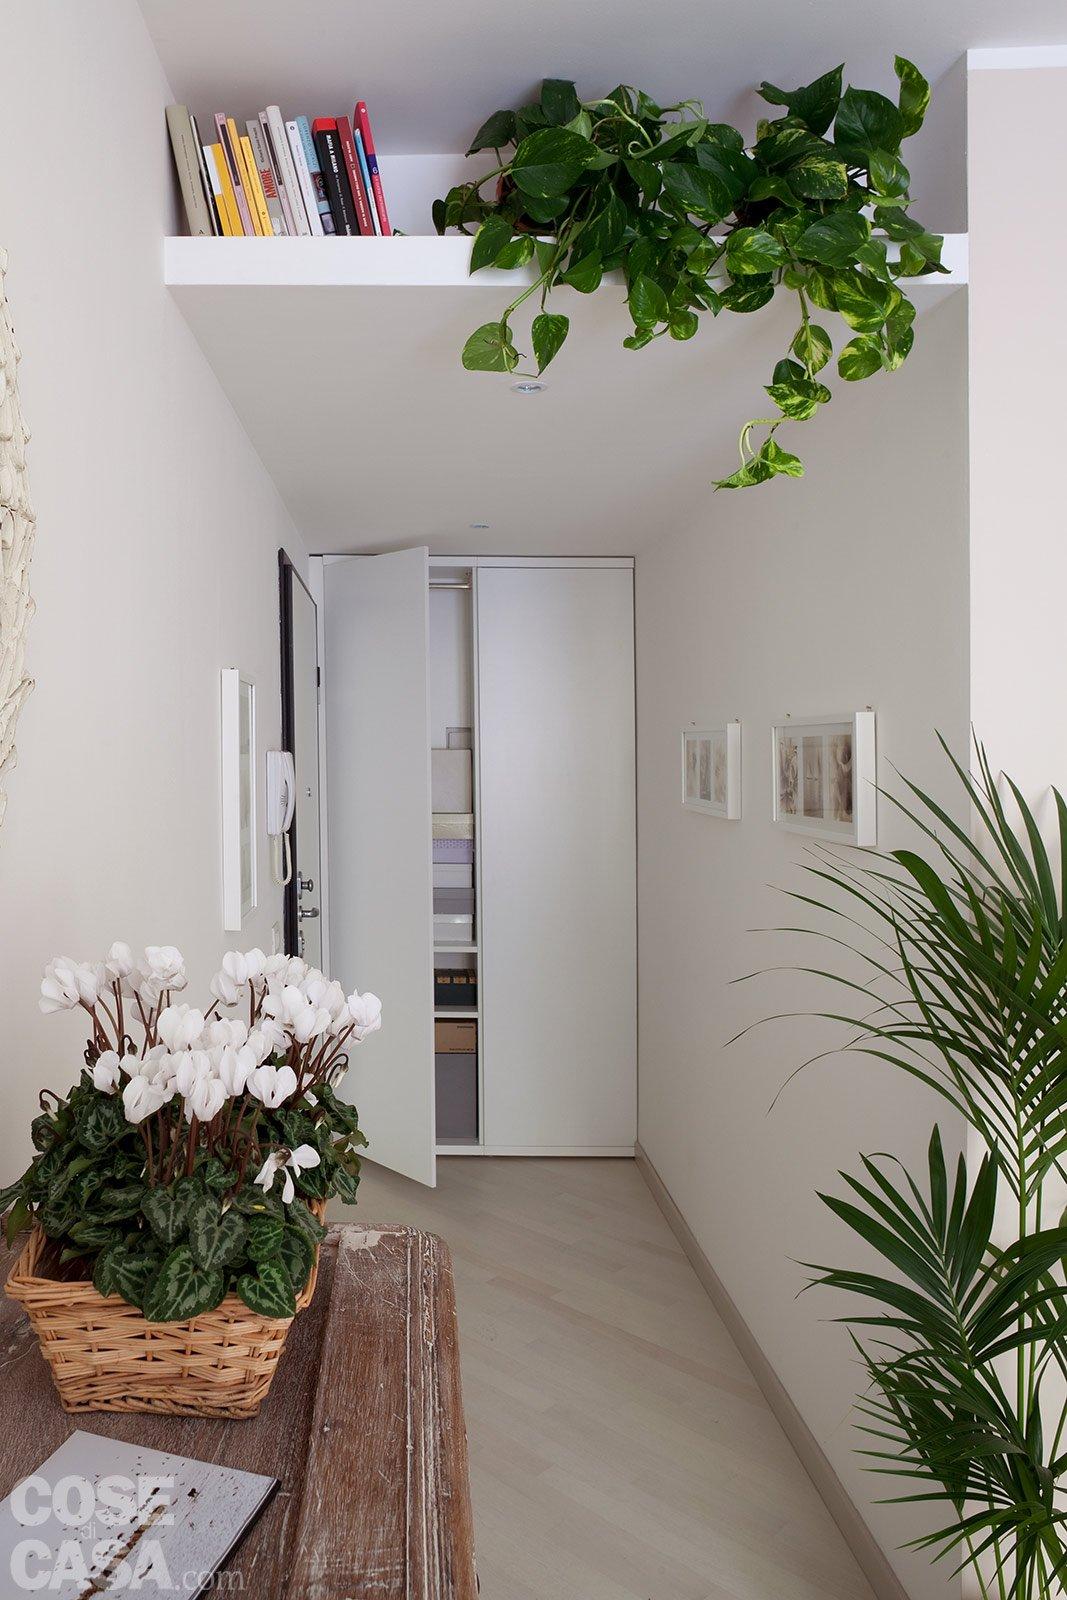 come organizzare un ingresso : 44 mq: una stanza in pi? in casa - Cose di Casa